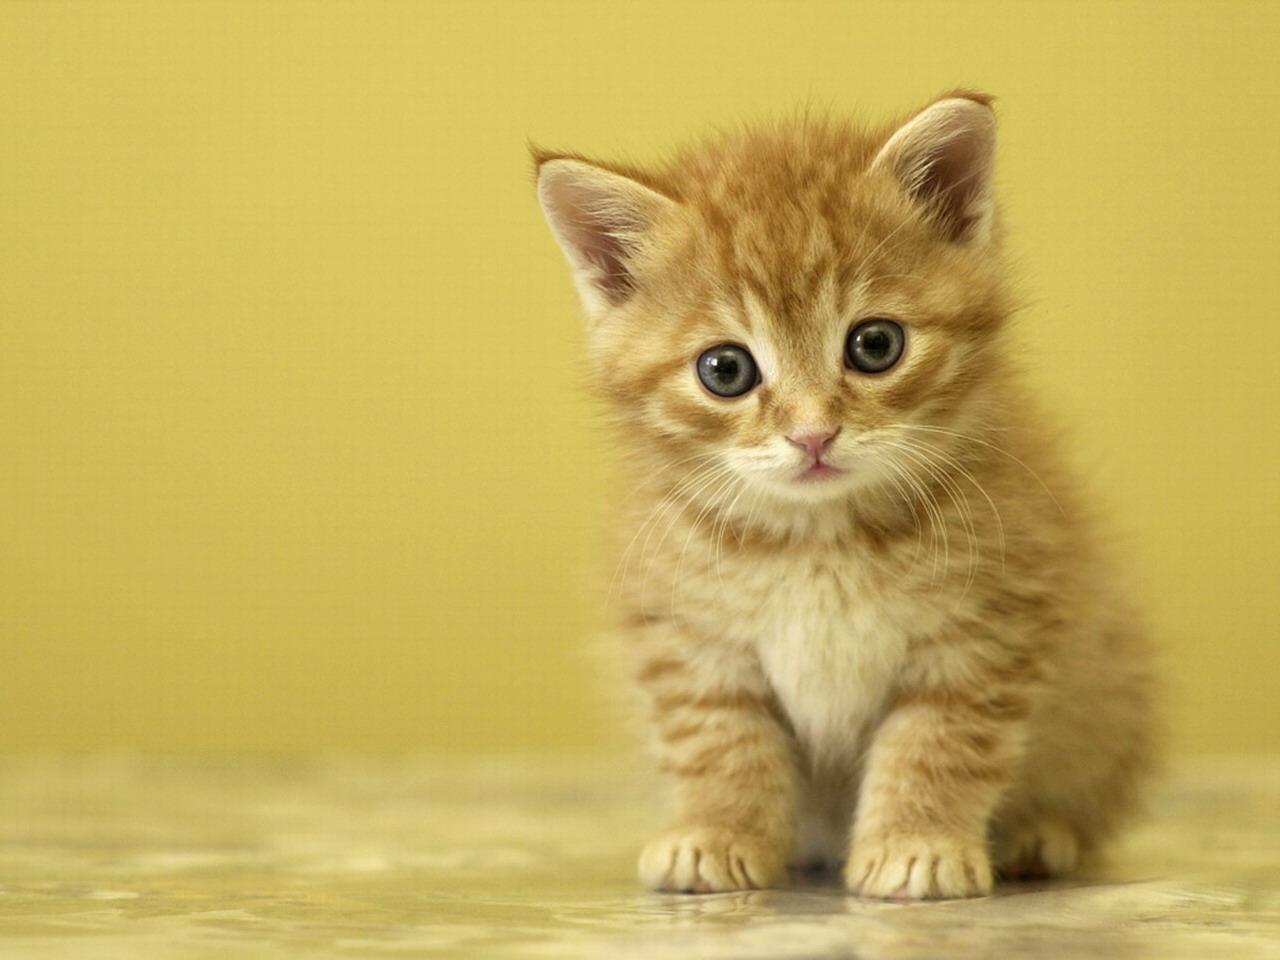 20 Gambar Kucing Dan Anak Kucing Lucu 1080p Car Wallpaper